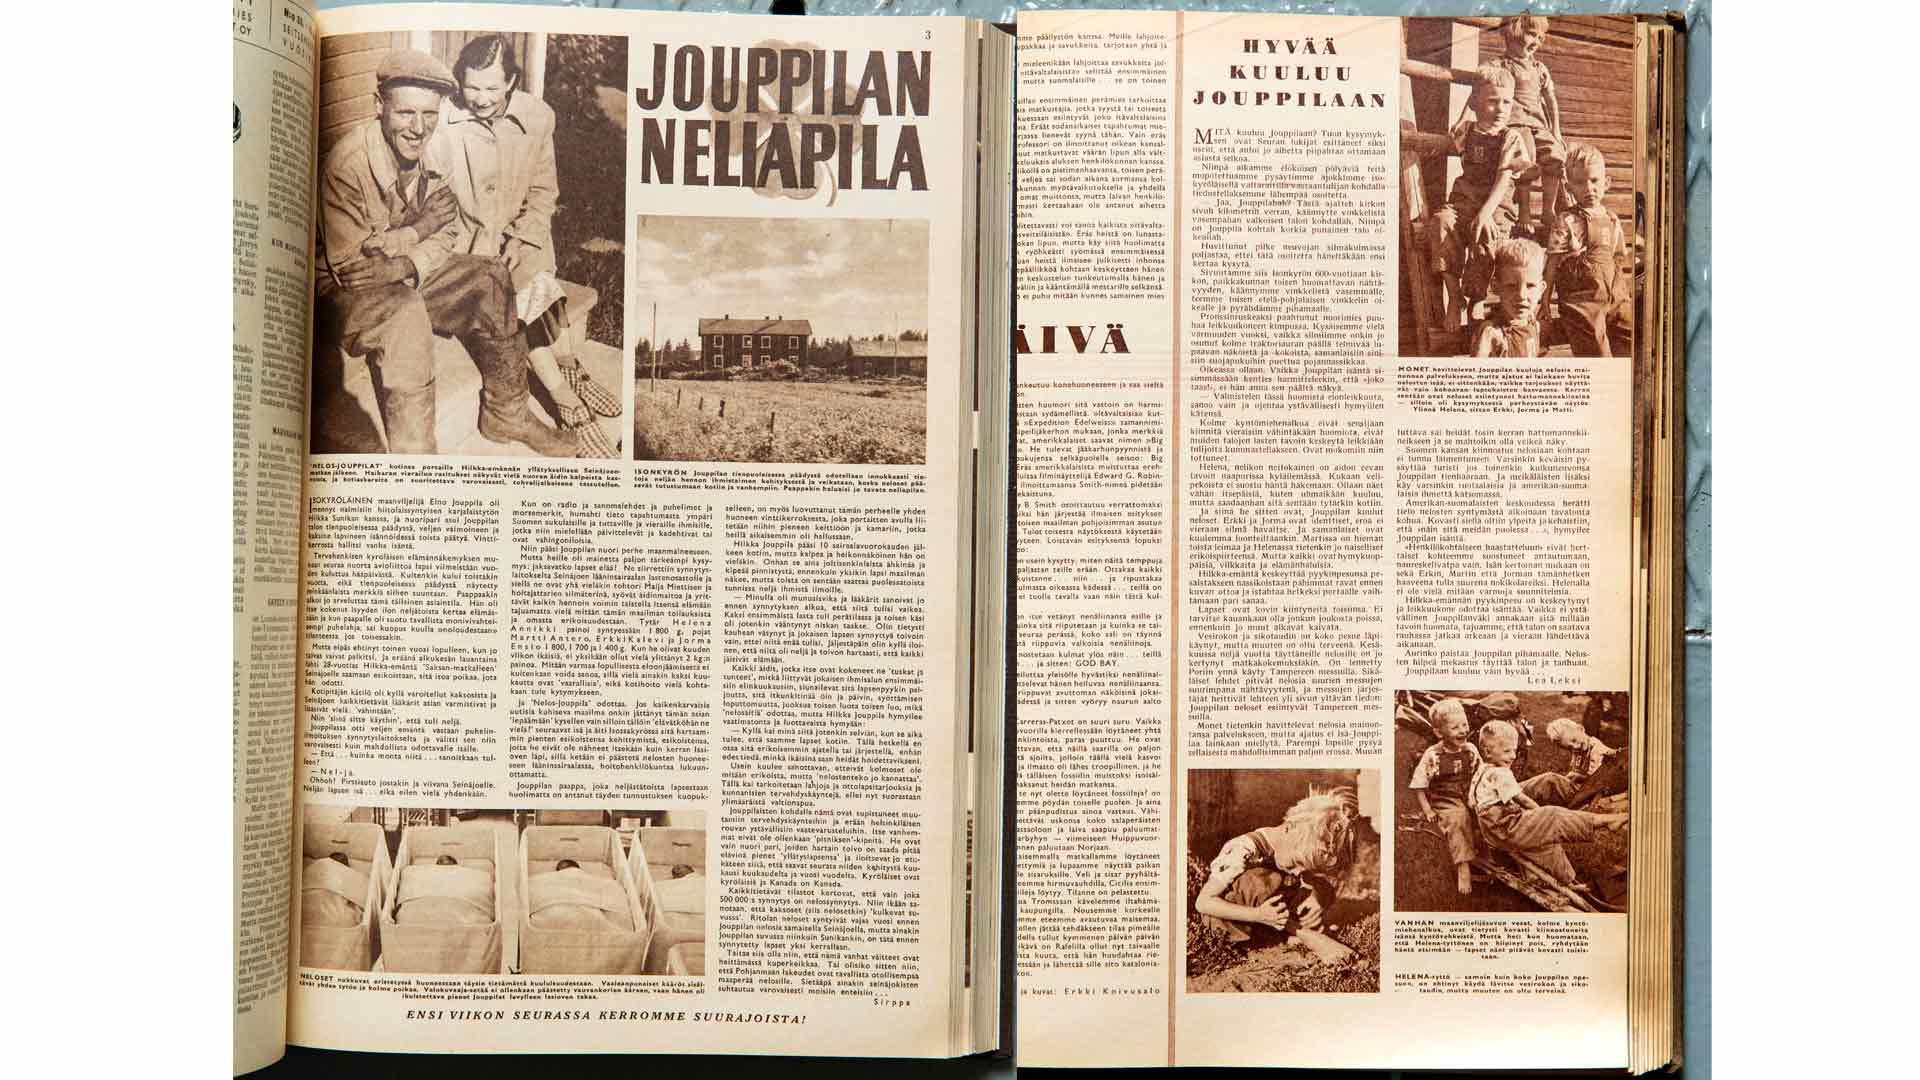 Seura kertoi Jouppilan nelosista ensi kerran elokuussa 1951, jolloin vauvat olivat vielä sairaalassa. Vuonna 1955 kuulumisia päivitettiin lehden mukaan lukijoiden pyynnöstä.